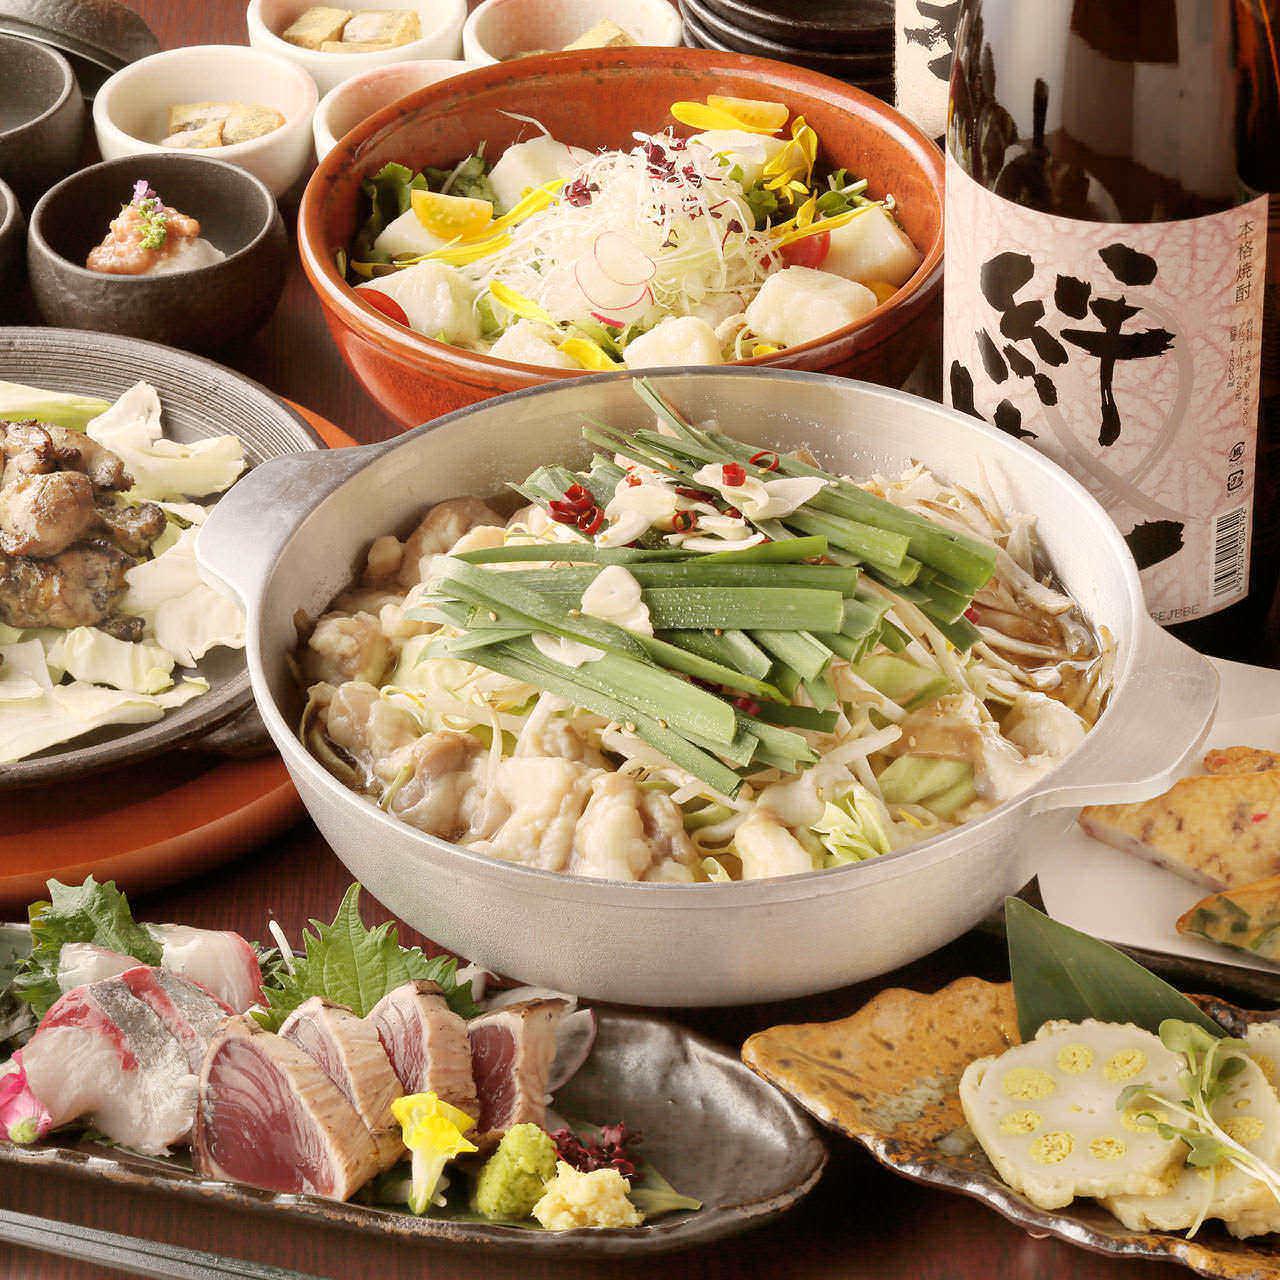 9月宴会コース◆九州博多名物'牛モツ鍋'コース60種類含む120分飲み放題付き4000円